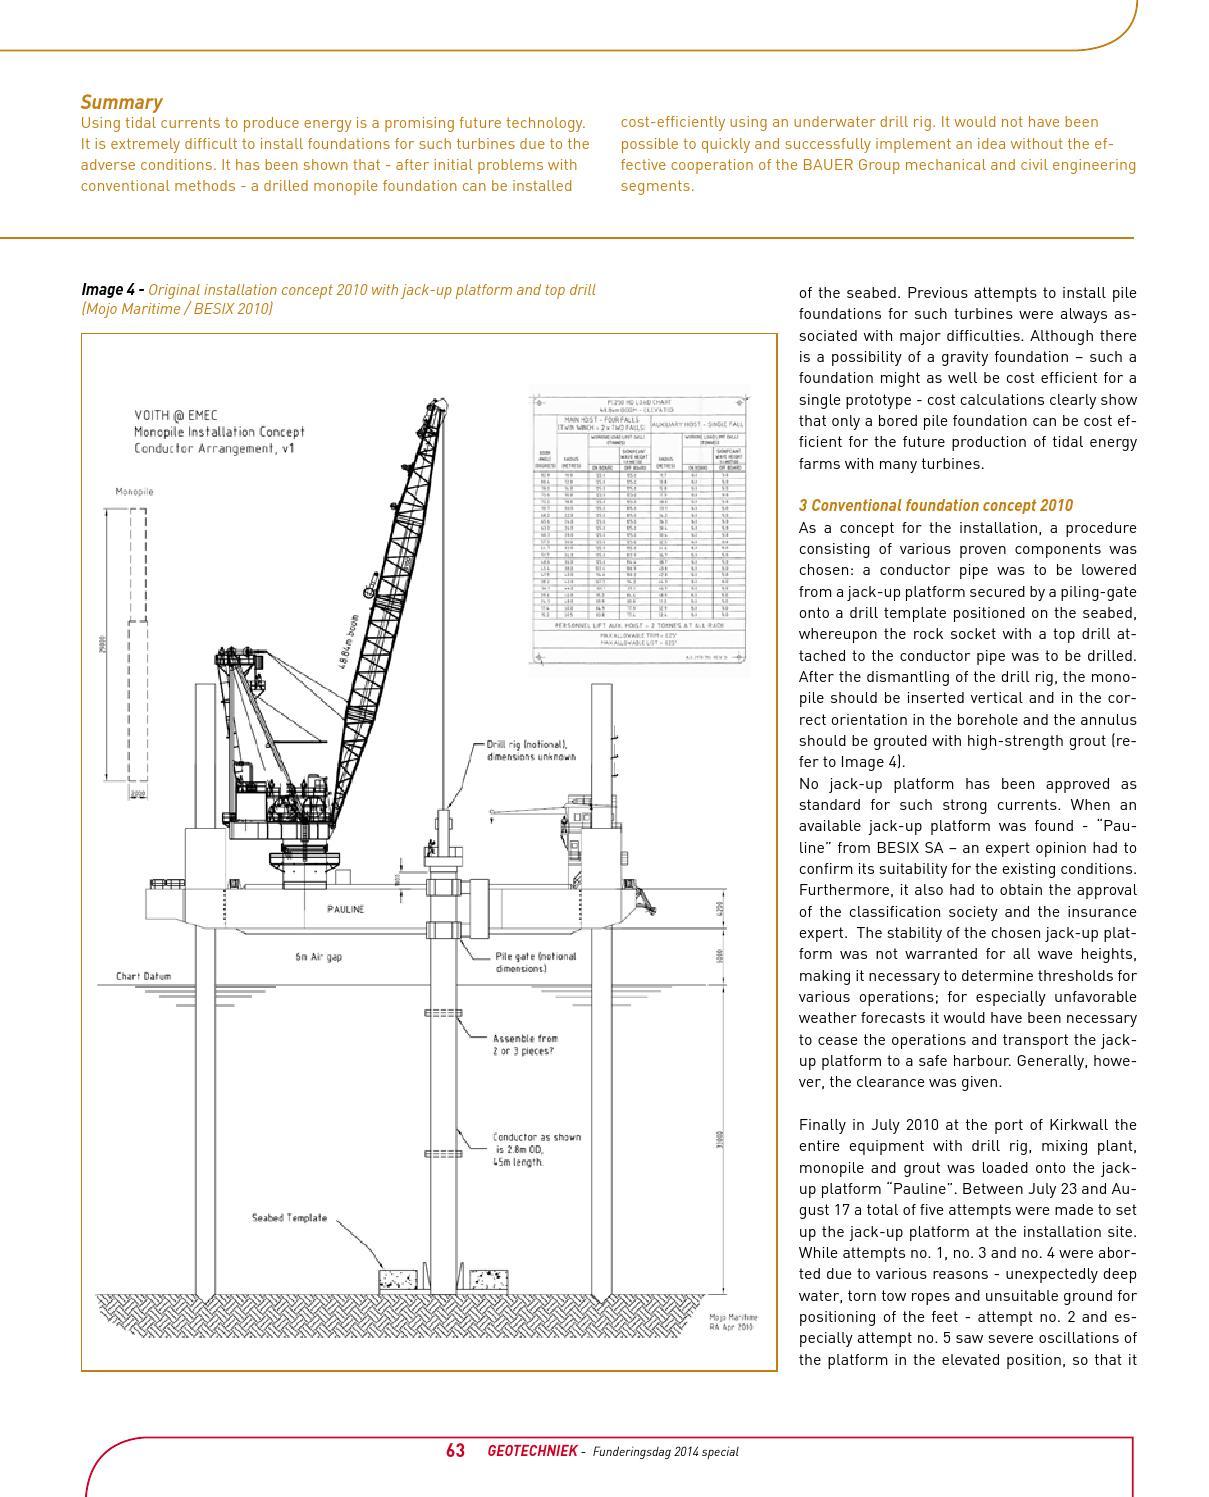 Geotechniek December 2014 Funderingsdag Special By Uitgeverij Phone Jack Wiring Diagram 2010 Educom Issuu